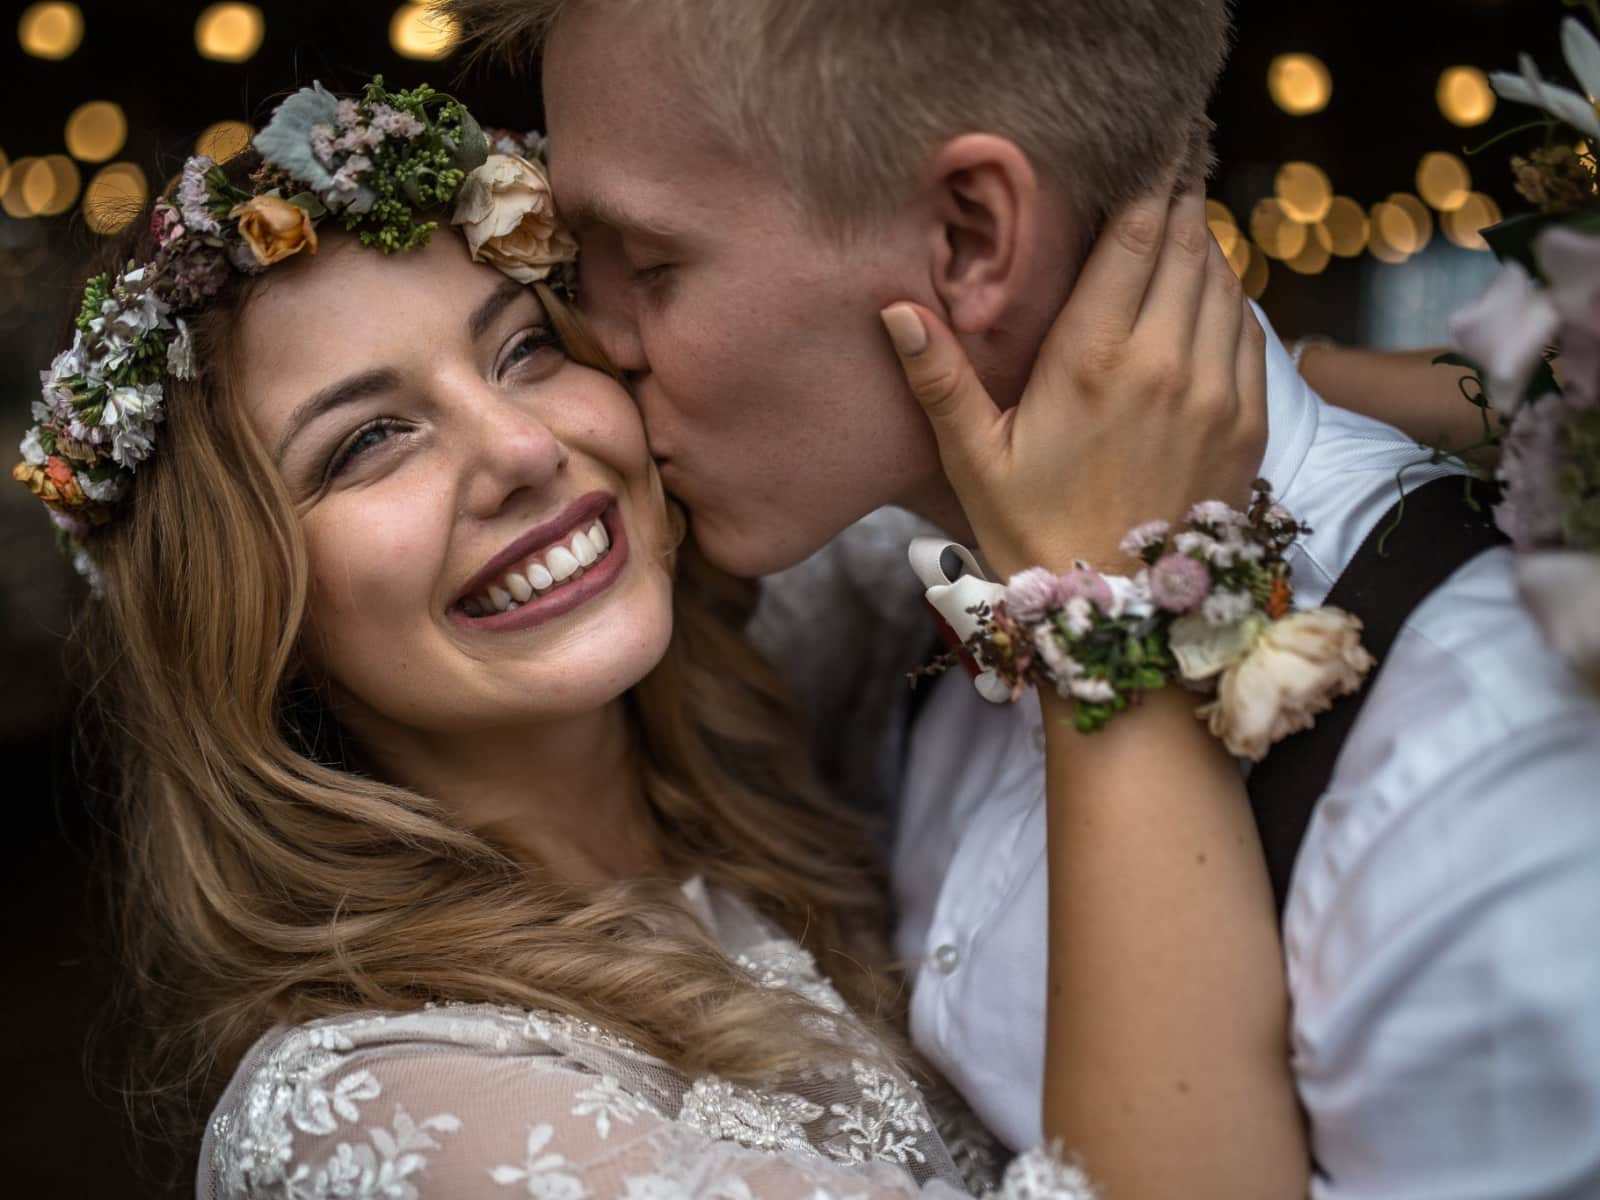 Lucie & Lukas from Prague, Czech Republic